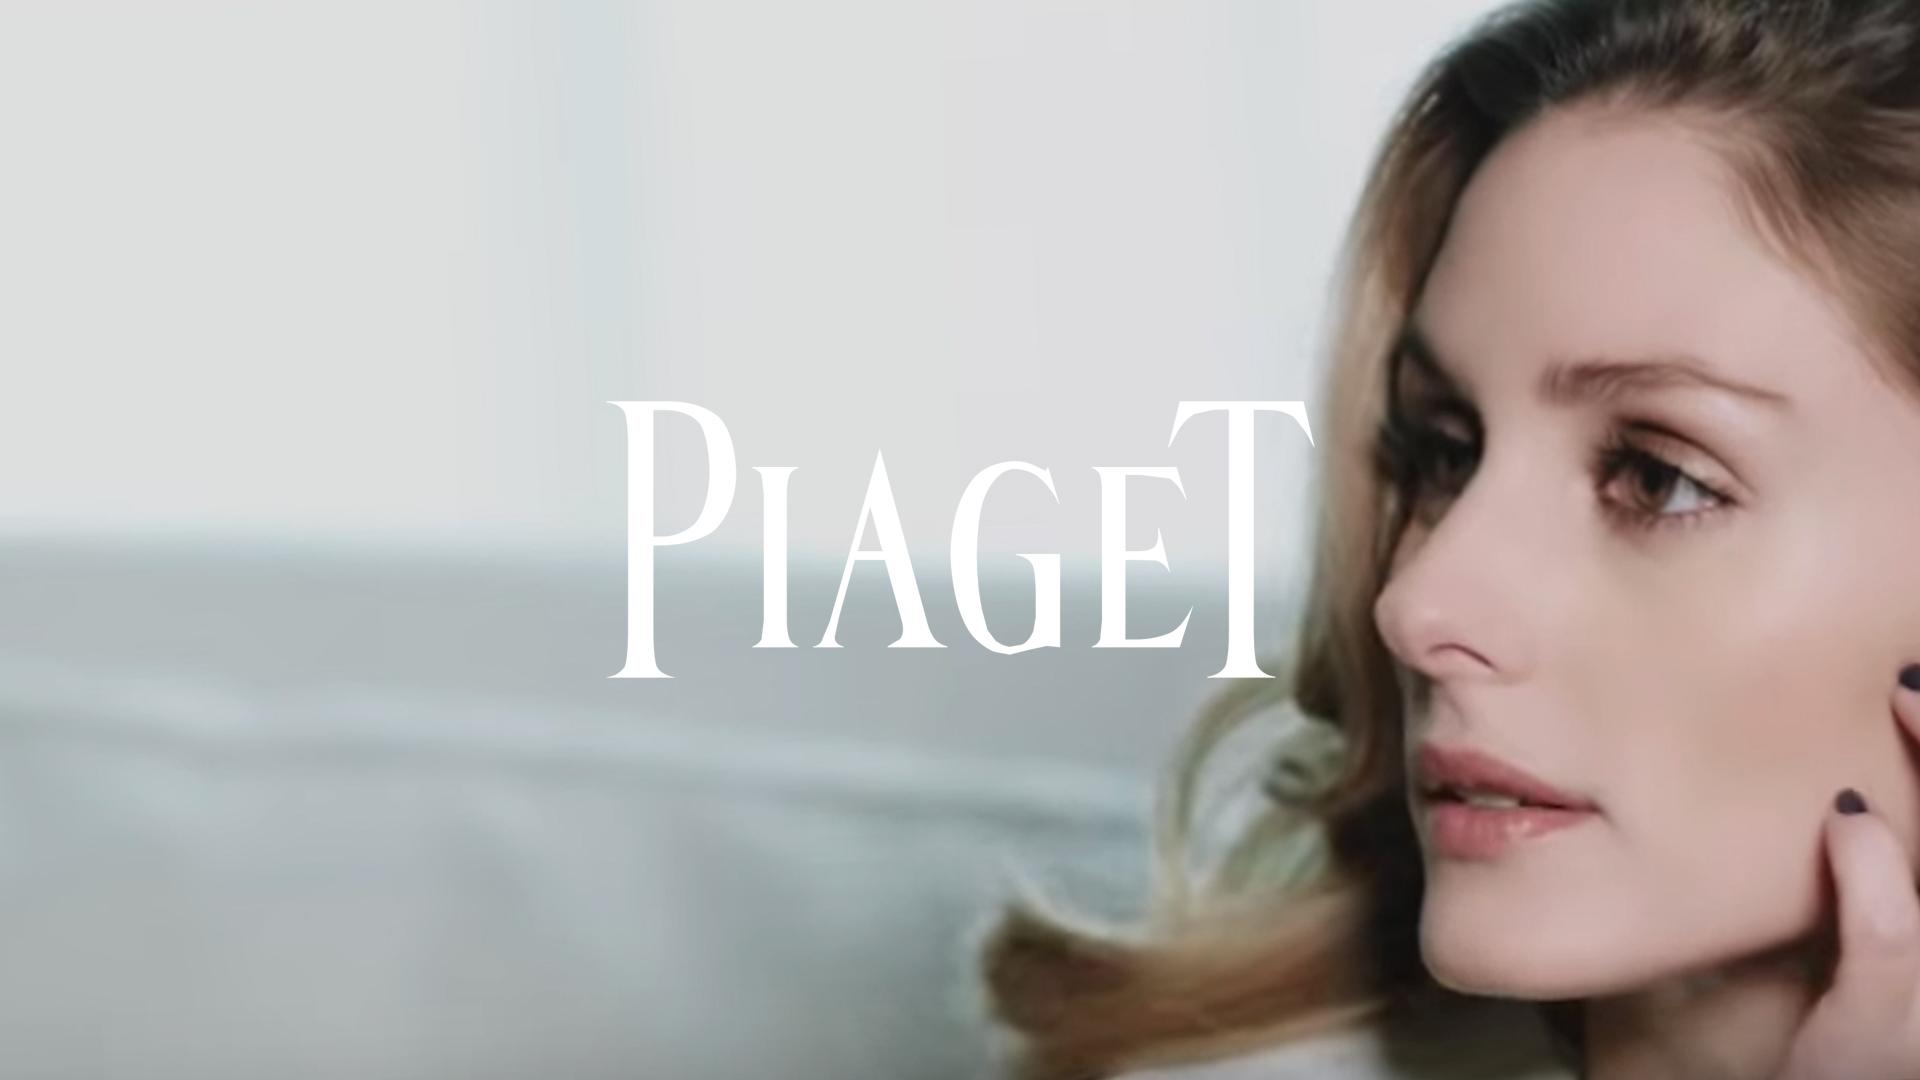 Piaget.jpg